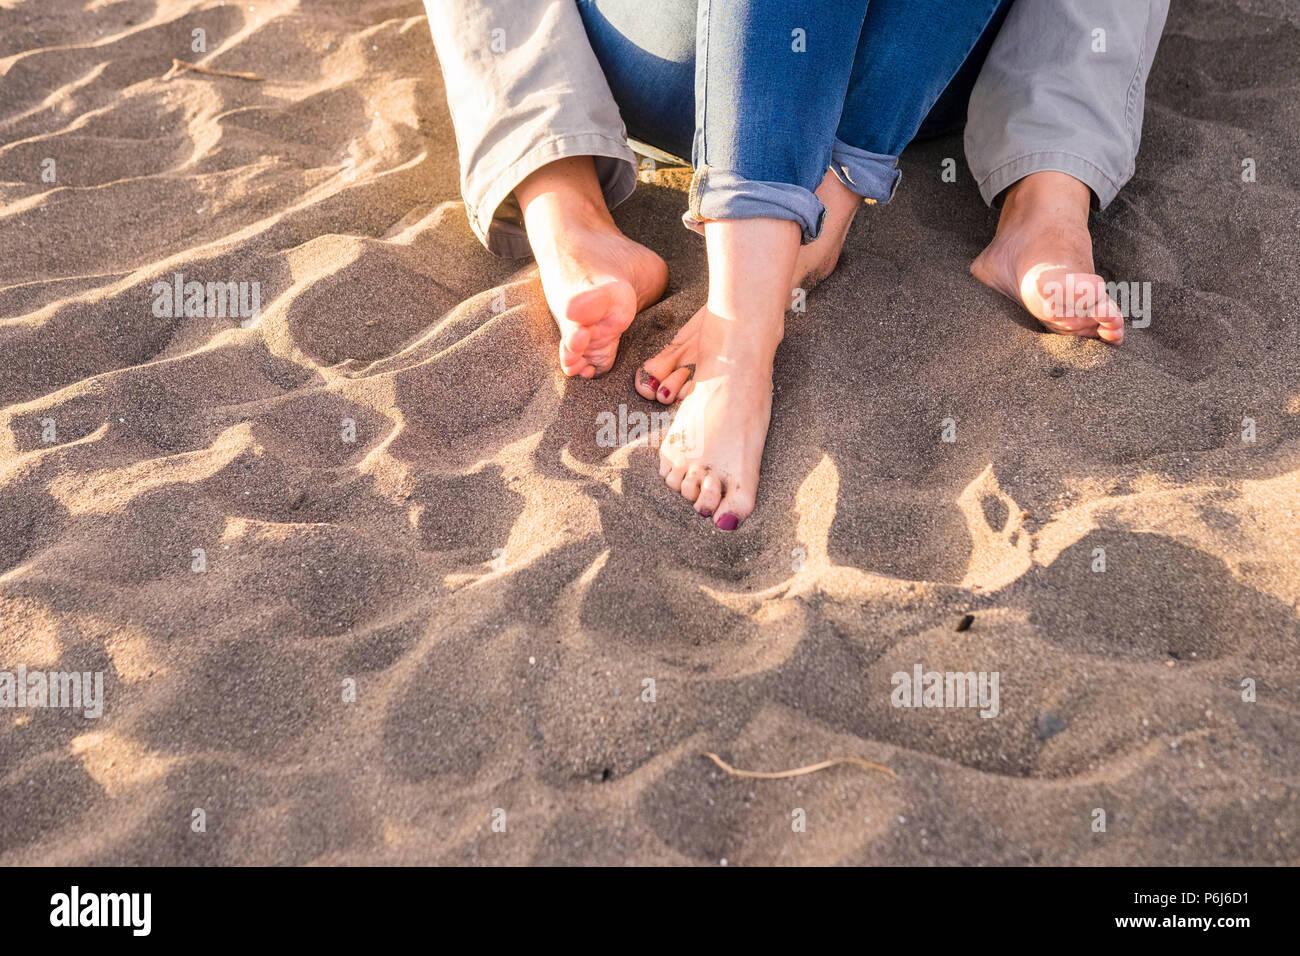 Abrazó a los pies en un día soleado de verano en la playa para vacaciones o actividad de ocio juntos en pareja. El amor y el concepto de relación con el hombre y la mujer t Imagen De Stock